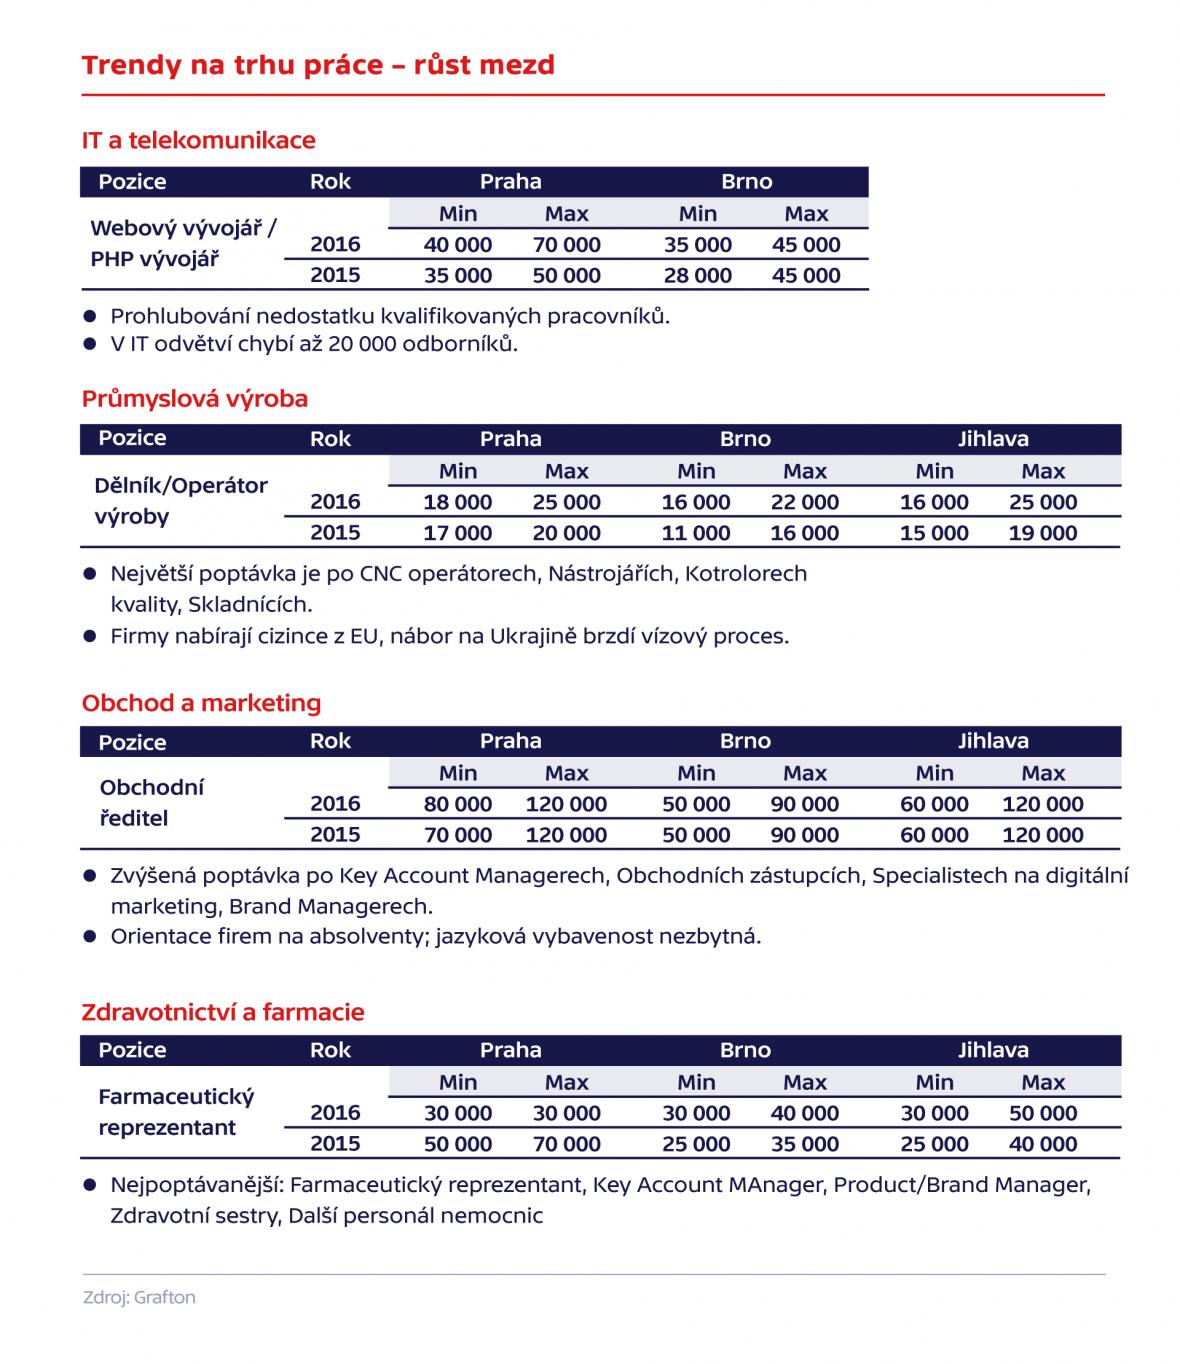 Trendy na trhu práce –růst mezd